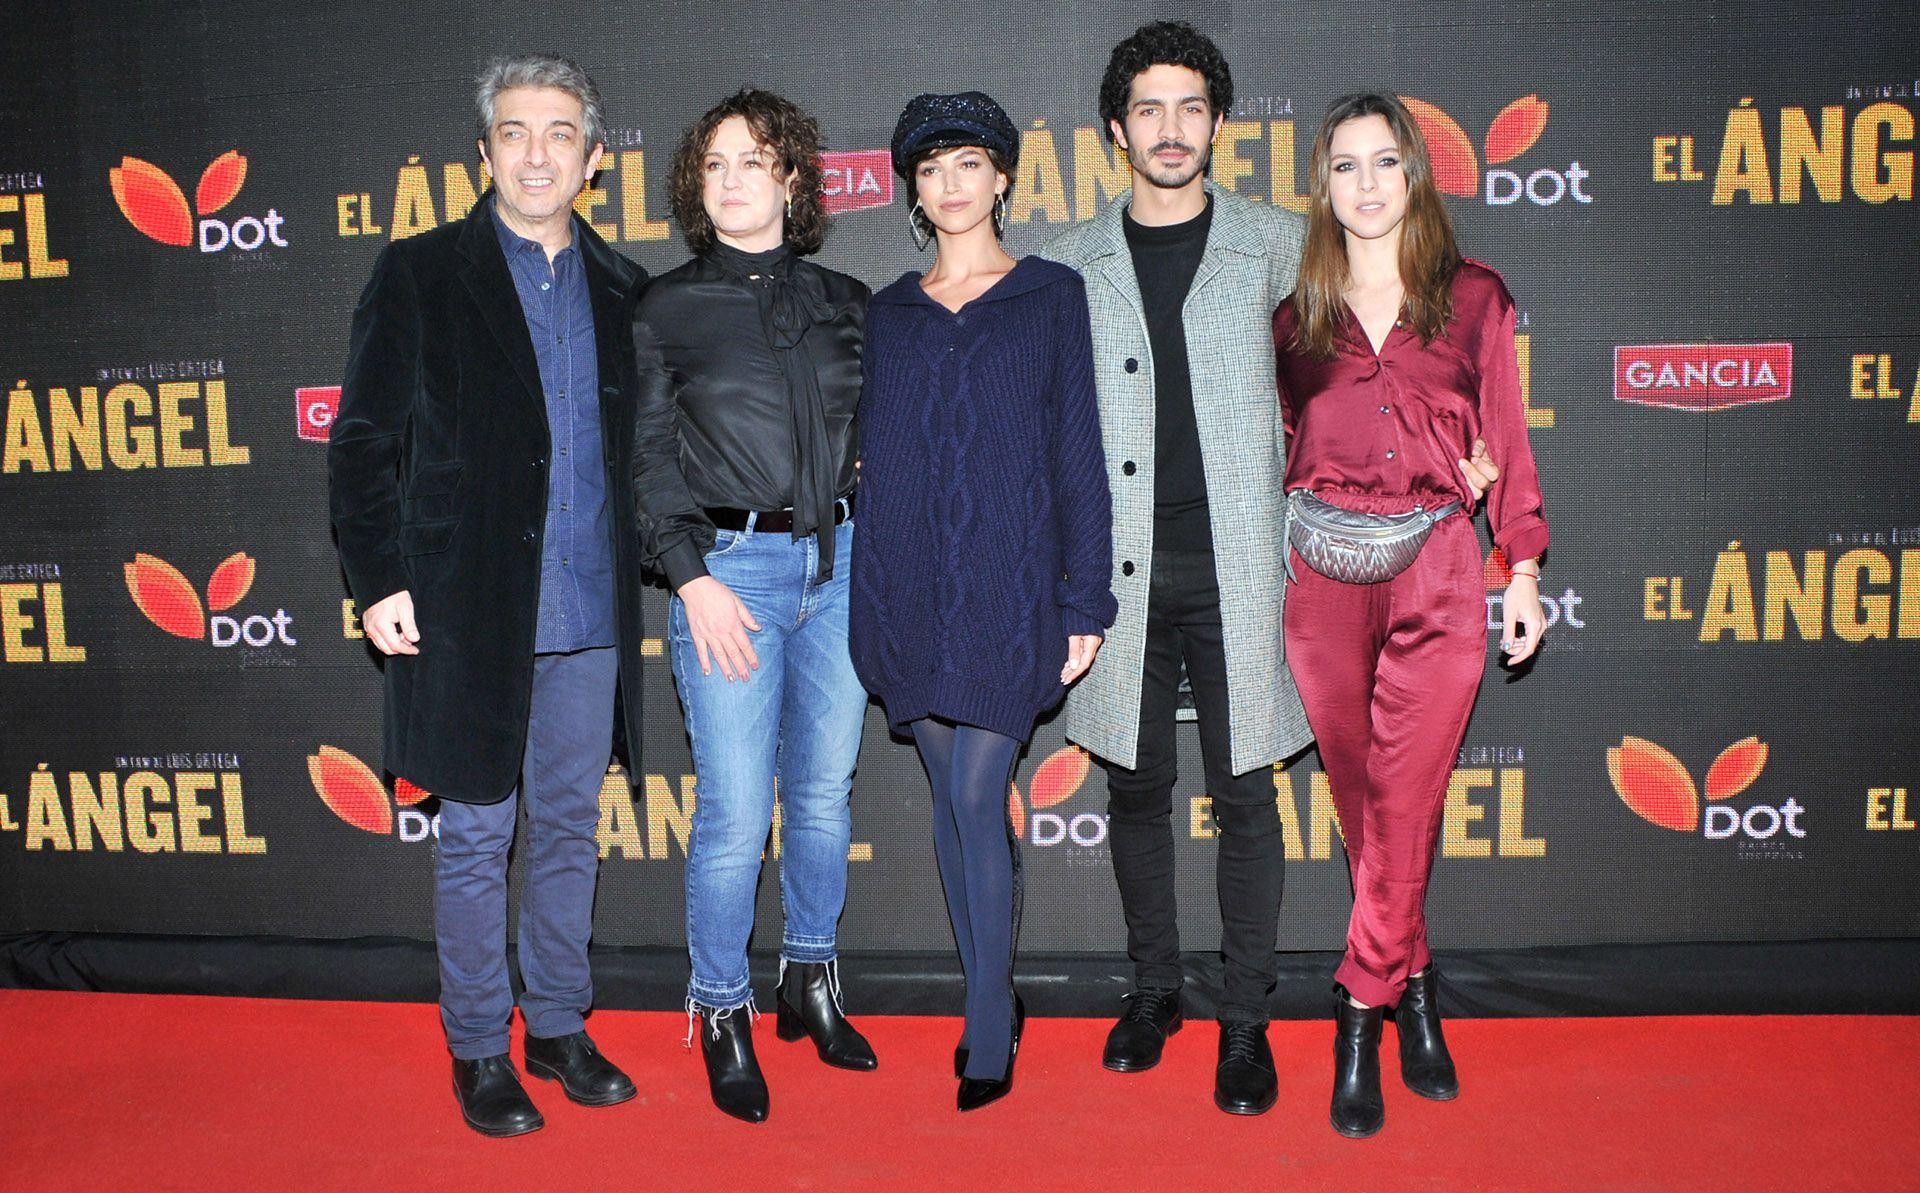 """Ricardo Darín, Florencia Blas, Úrsula Corberó, Chino Darín y Clara Darín en la premiere de """"El Ángel"""""""